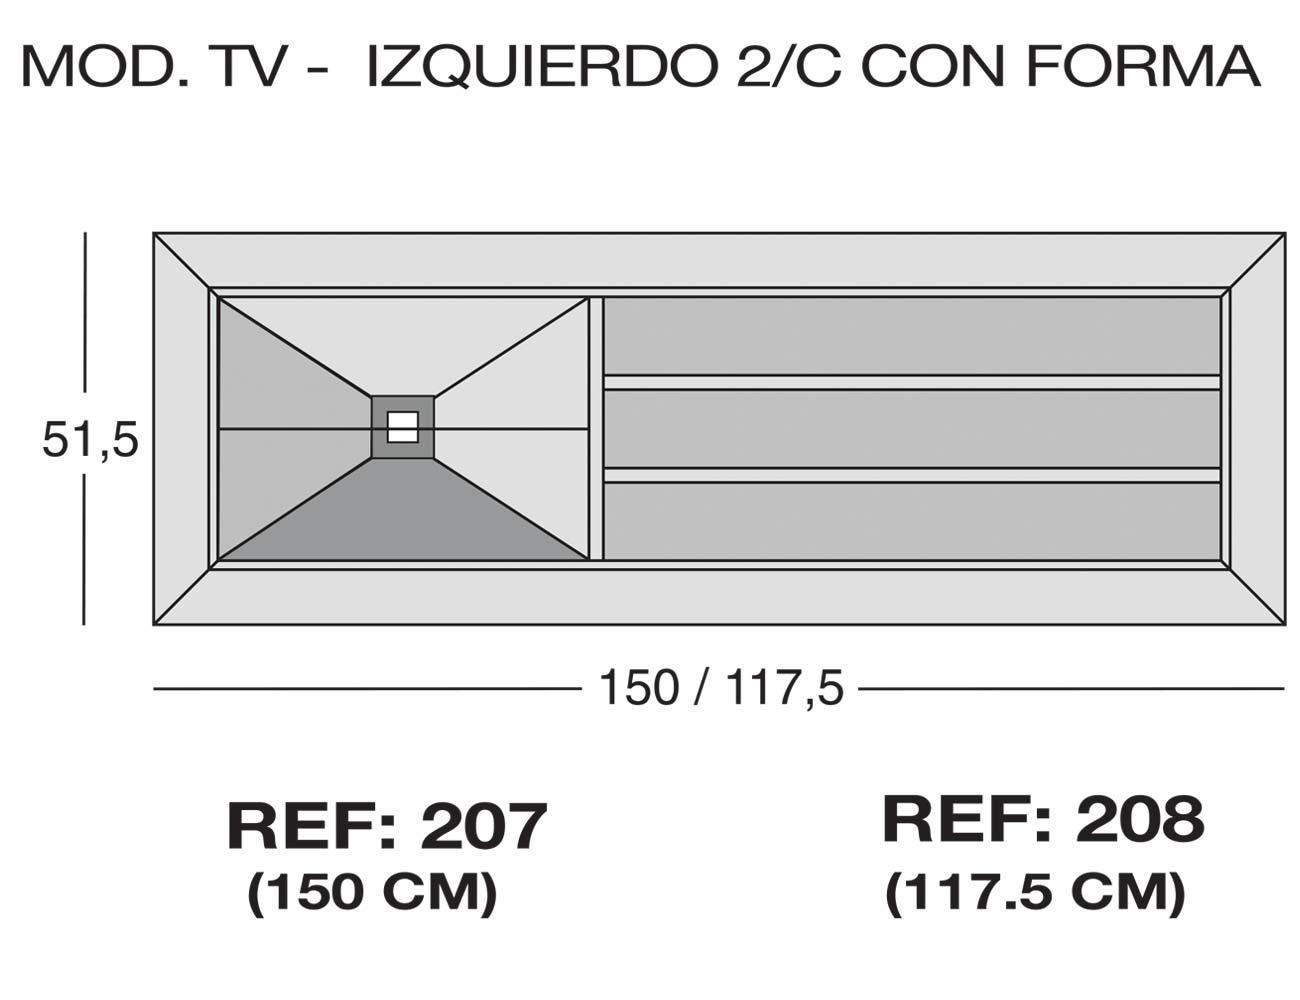 Modulo tv izquierdo 2c forma 207 208